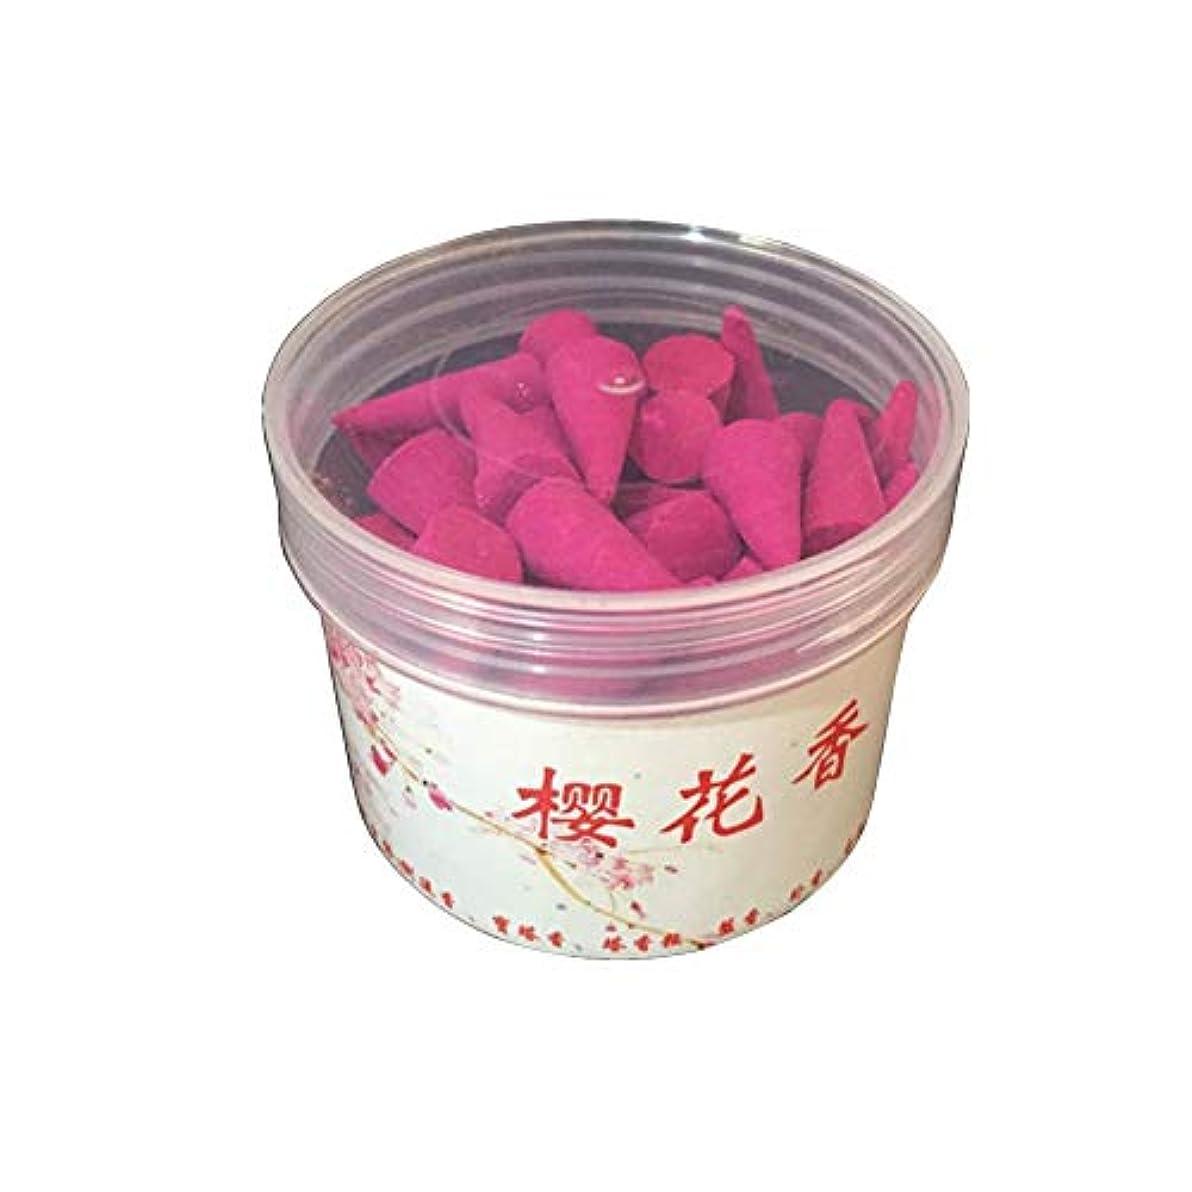 ファブリック反逆合併香コーン、45ピースの逆流香コーンナチュラルな香りローズラベンダーおよびその他の種類の混合天然逆流香コーンタワー型アロマ屋内香り